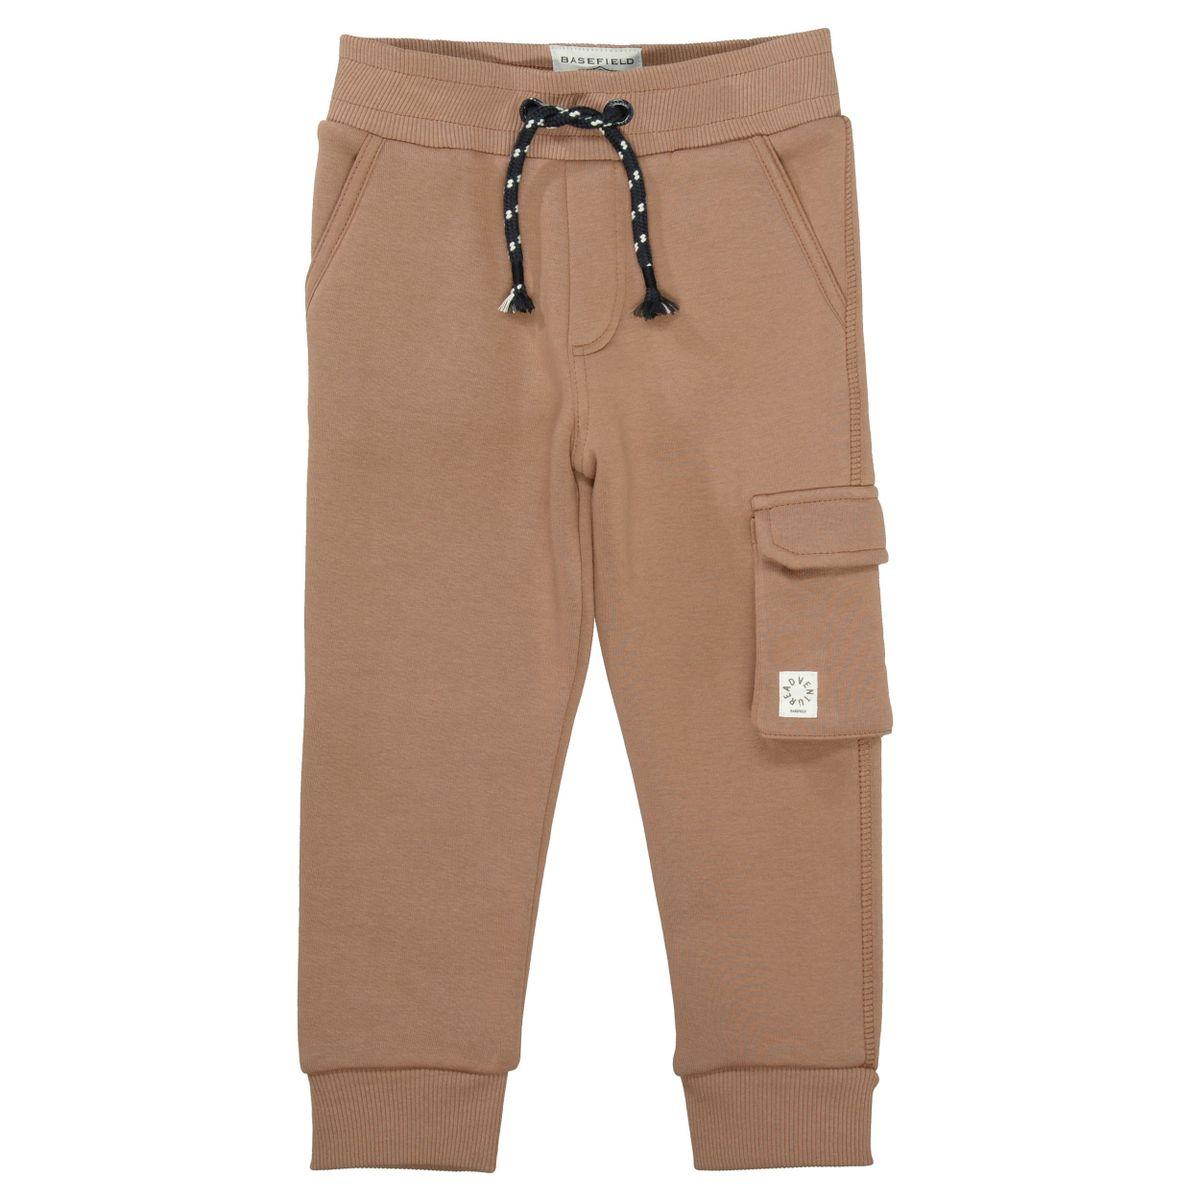 BASEFIELD Sweatpants mit aufgesetzten Patten-Tasche - Peanut